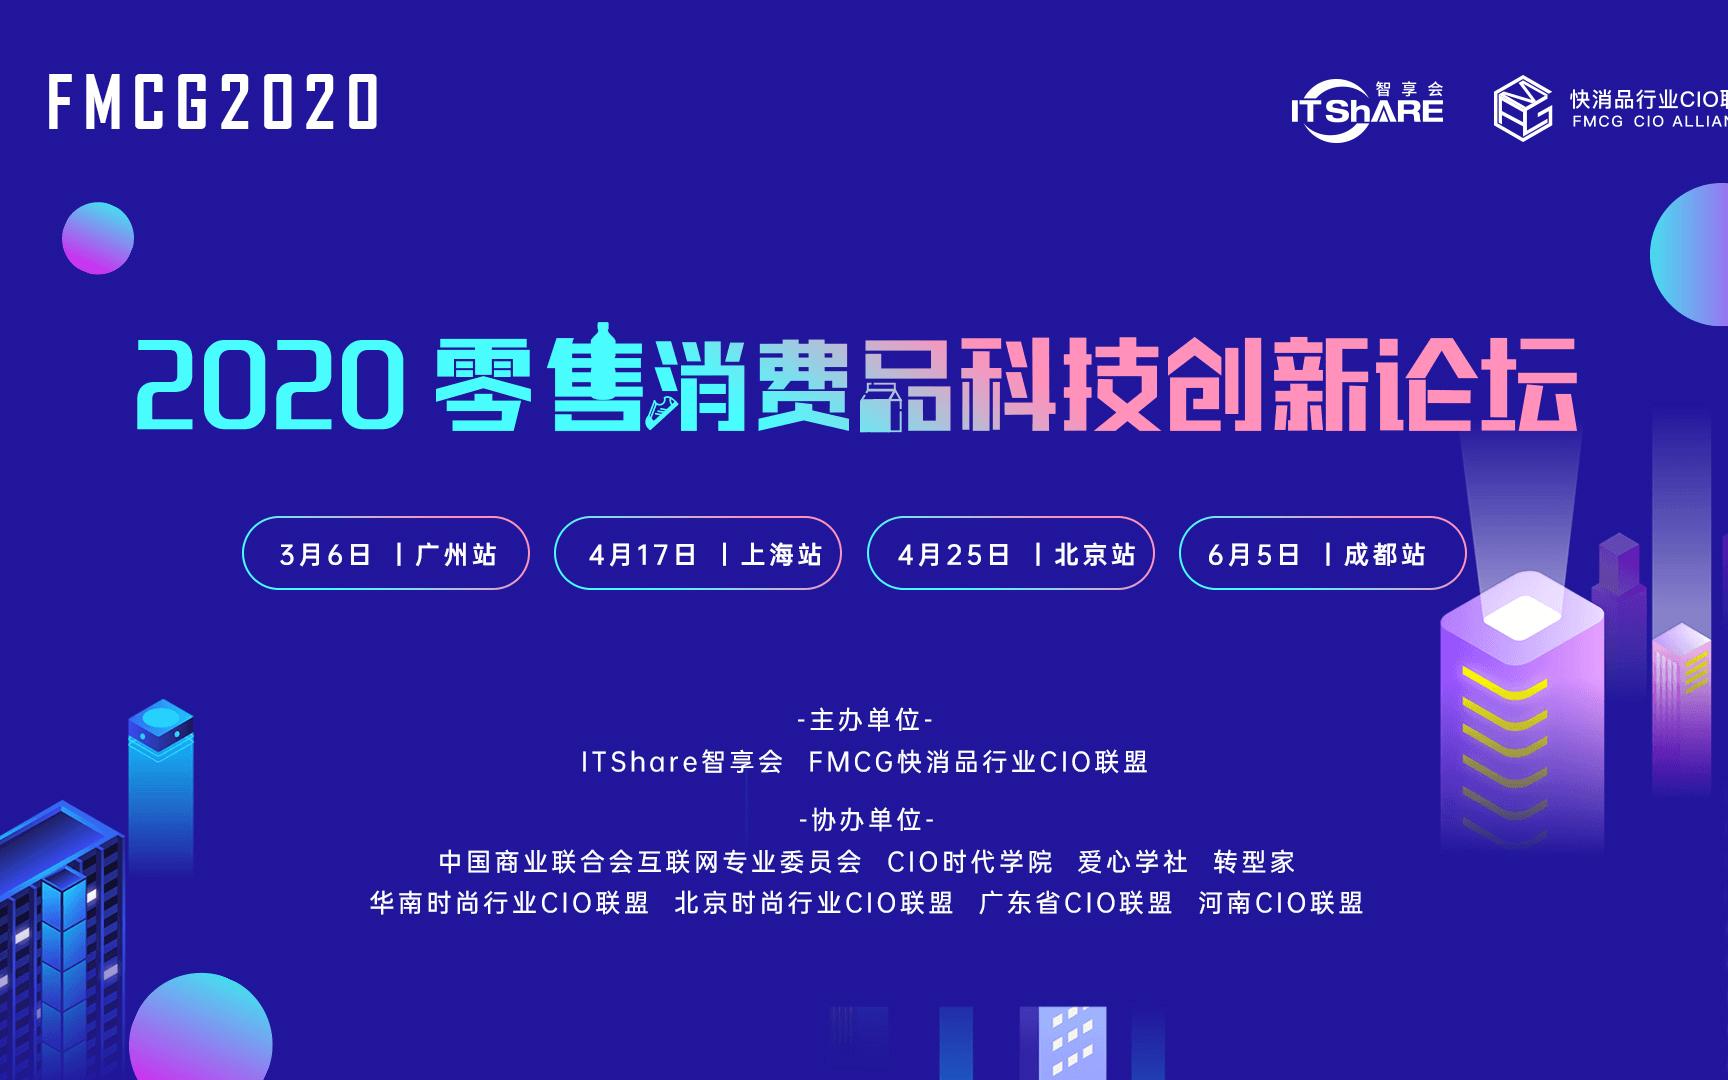 2020零售消费品科技创新论坛 ——数智未来系列活动